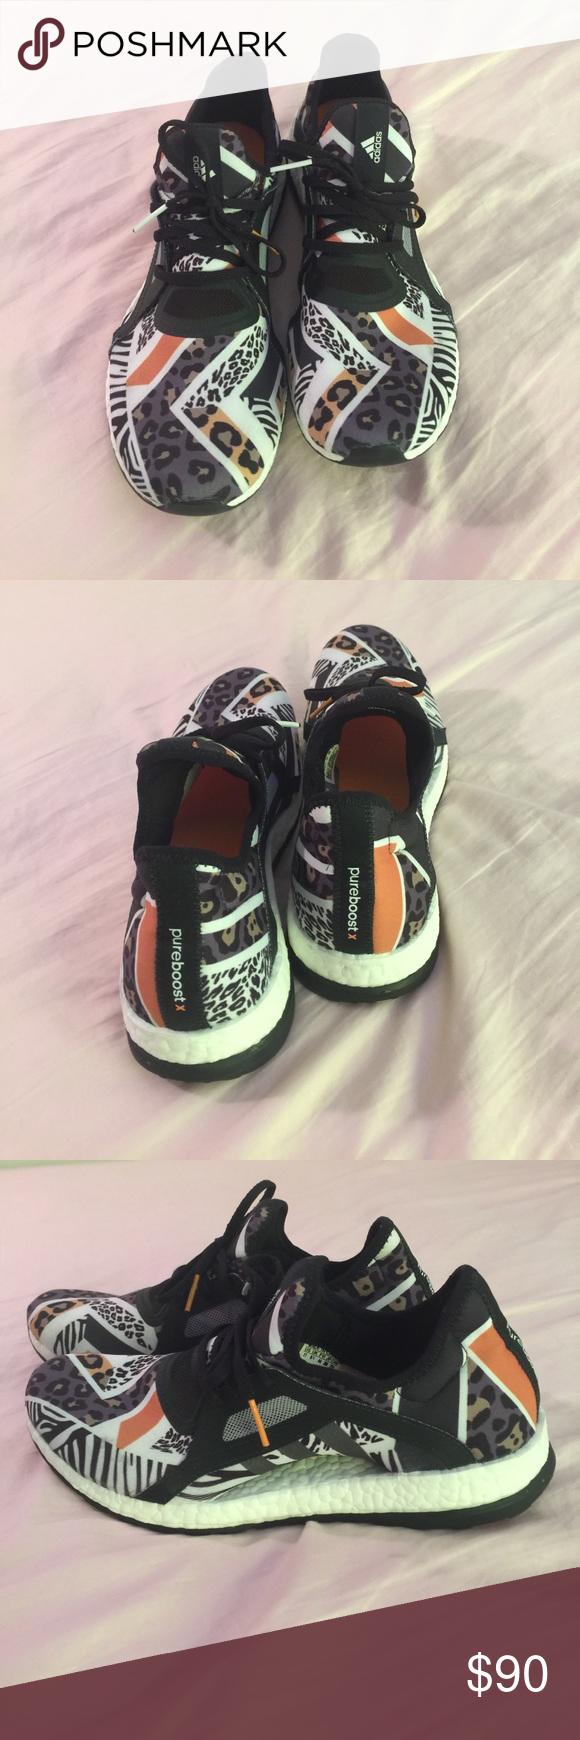 adidas ultra stimuler la « 3 weartesters noir argenté